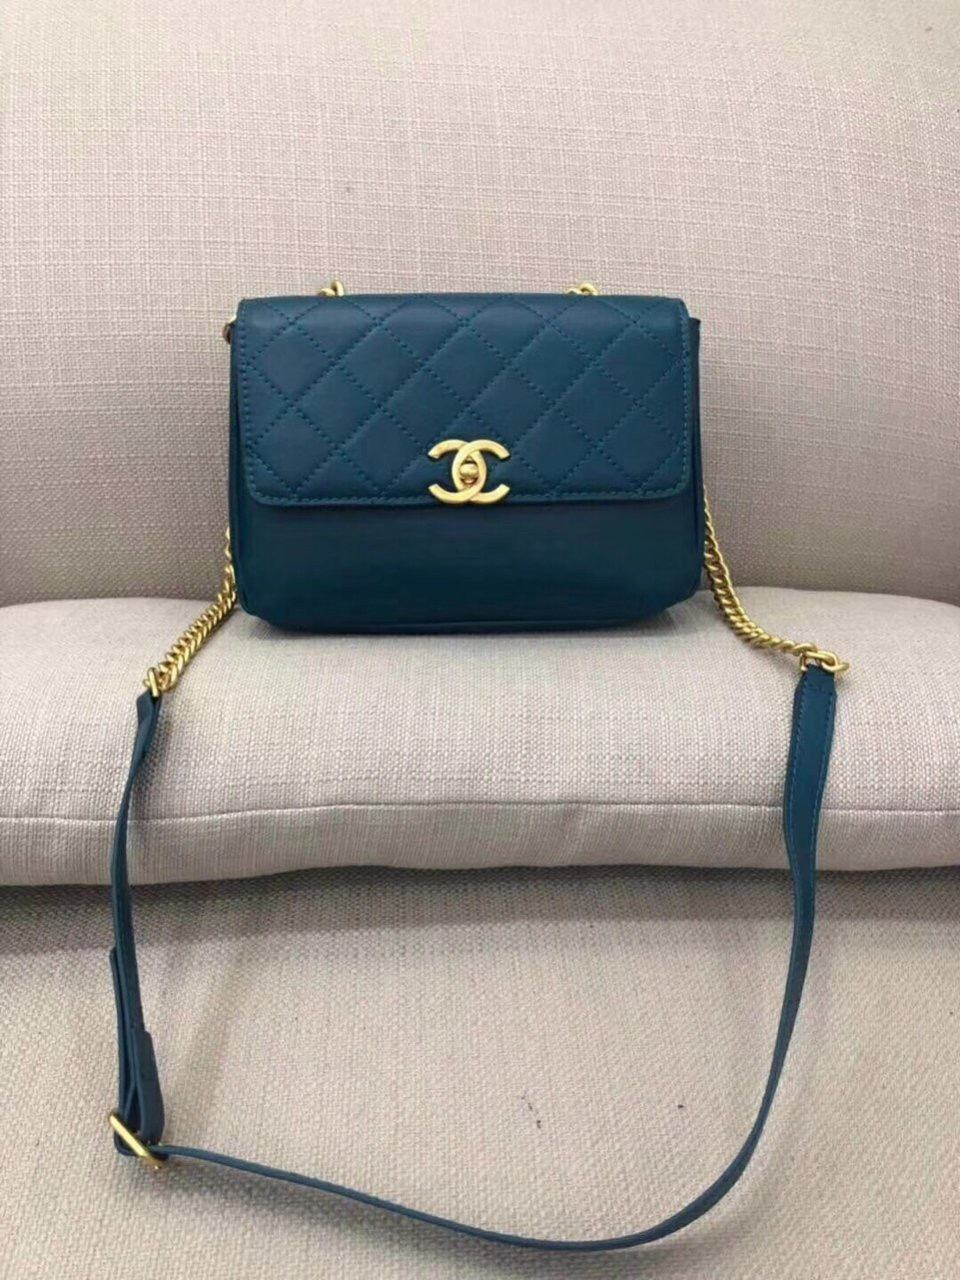 Túi xách nữ hàng hiệu Chanel - Túi xách đẹp hàng hiệu | Túi đeo chéo nữ